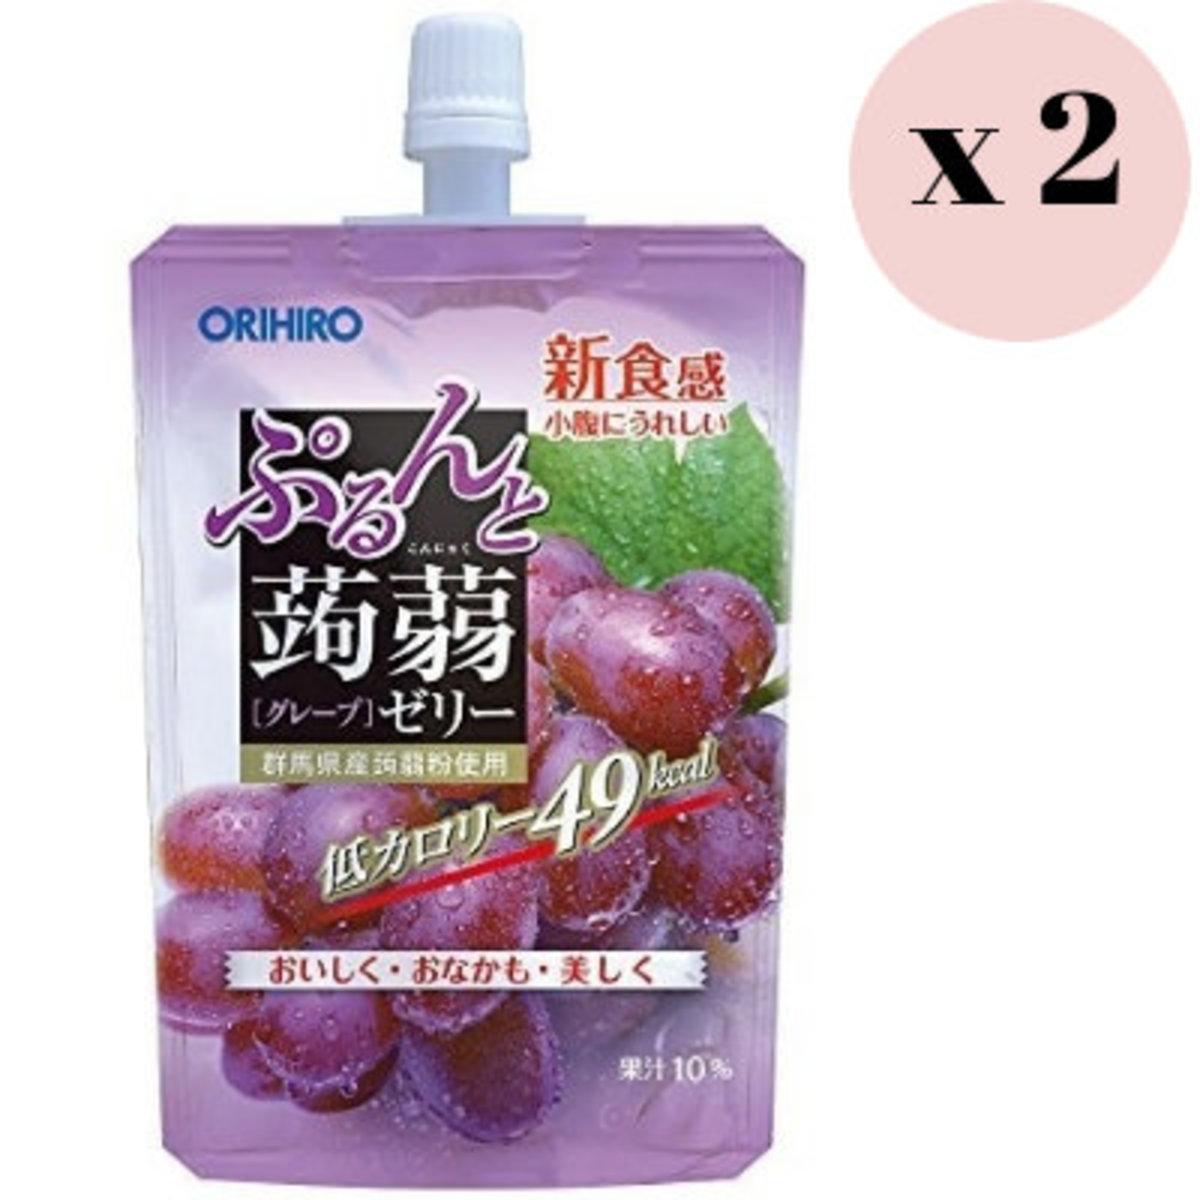 蒟蒻 紫葡萄味 啫喱 支裝 130g x 2包 4571157254289